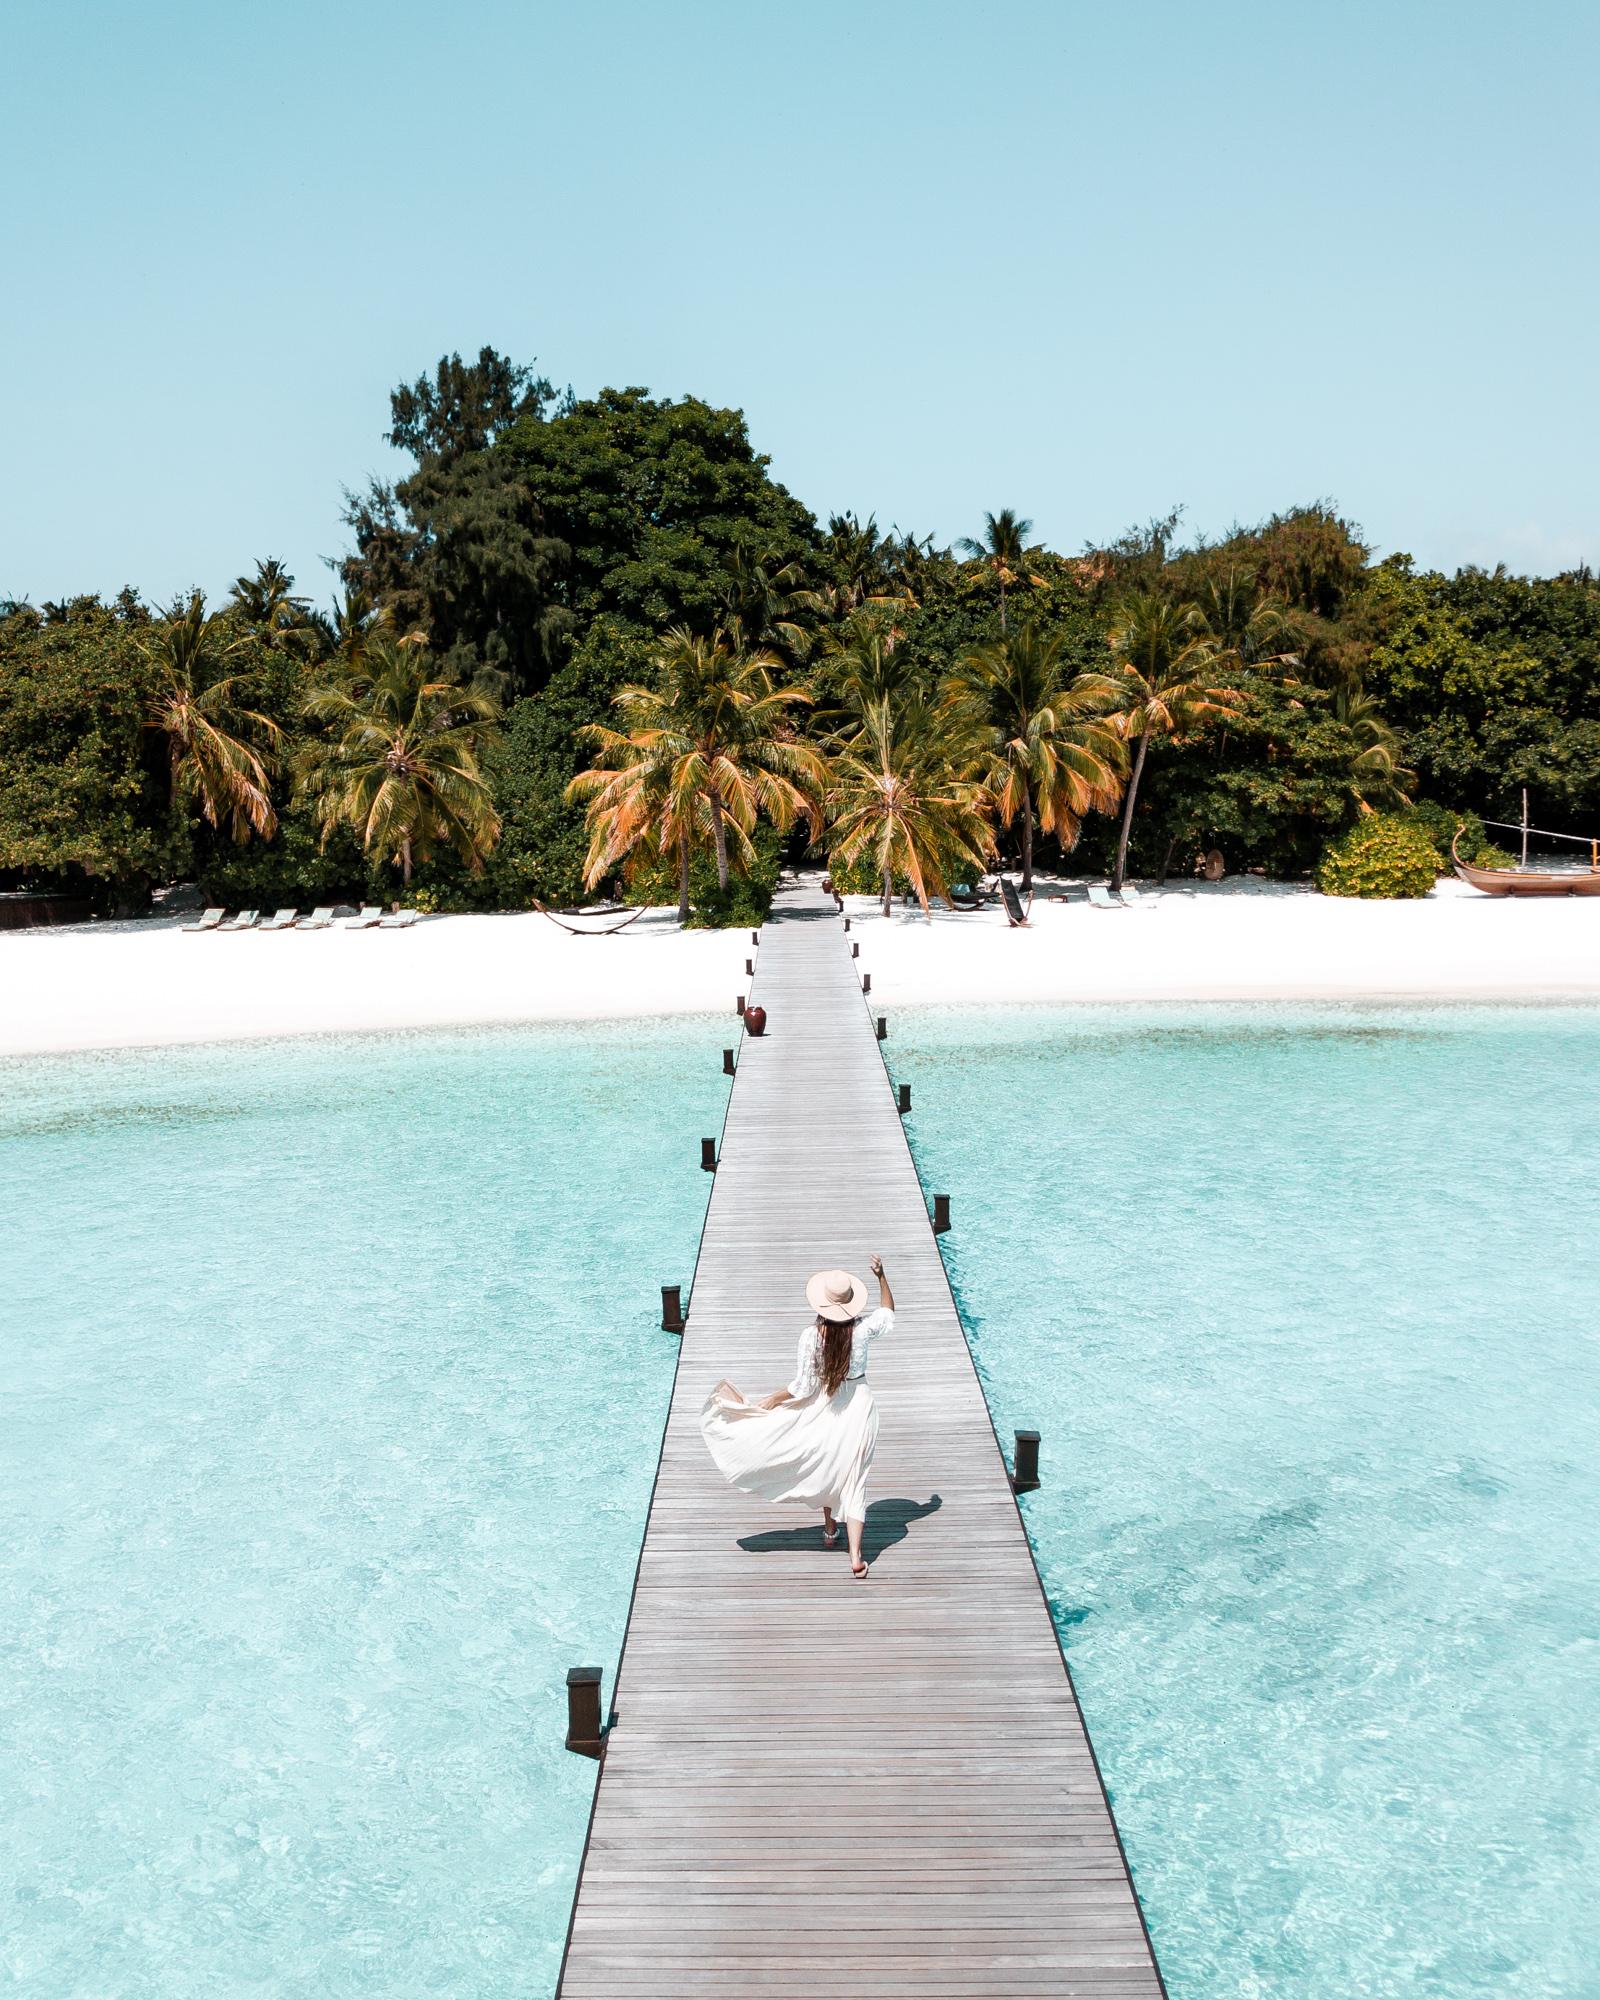 كوكو كولكشن المالديف